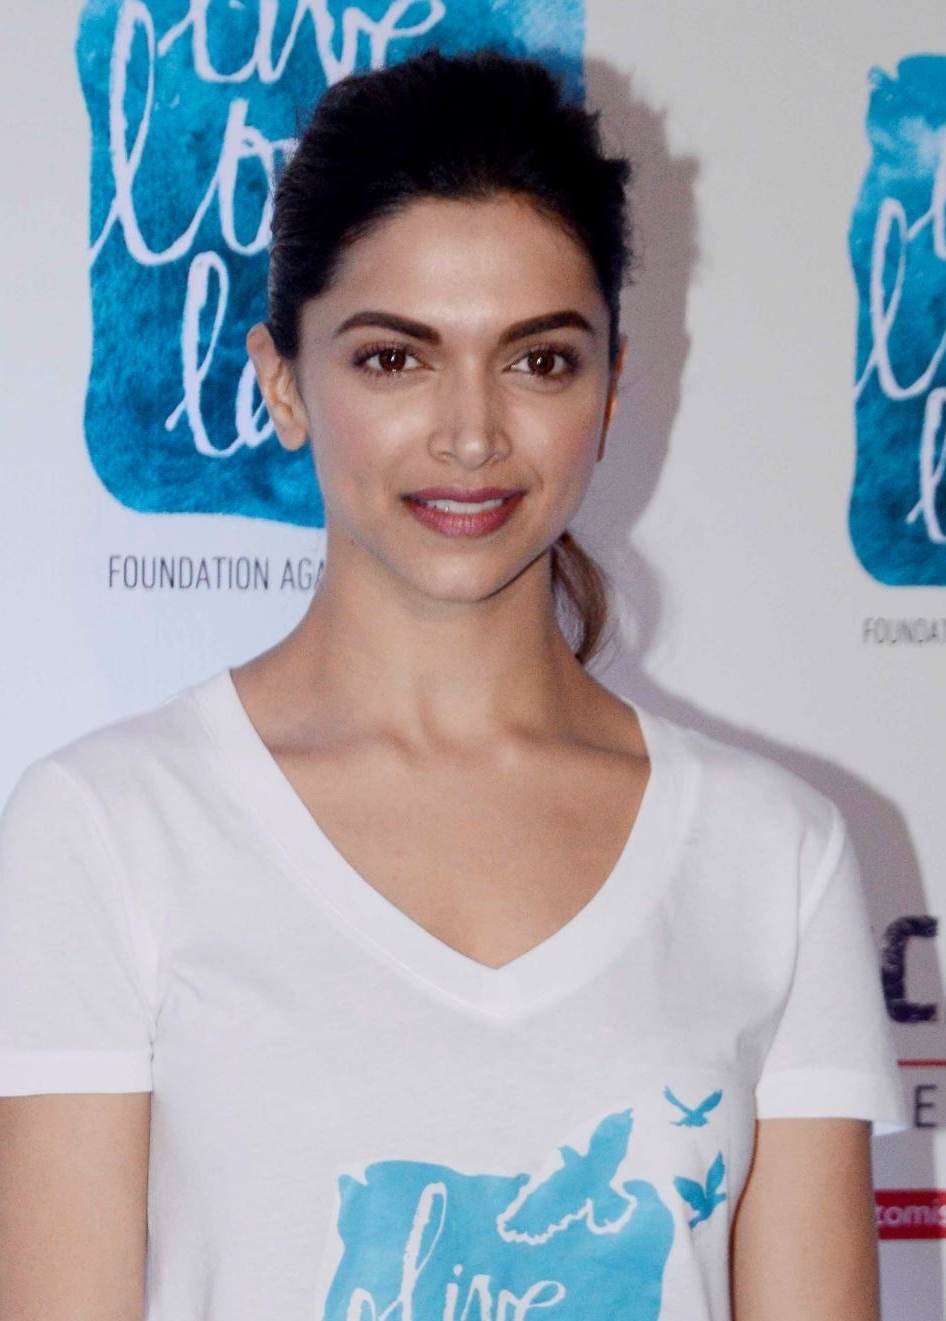 Hot Deepika Padukone Photos In White Top